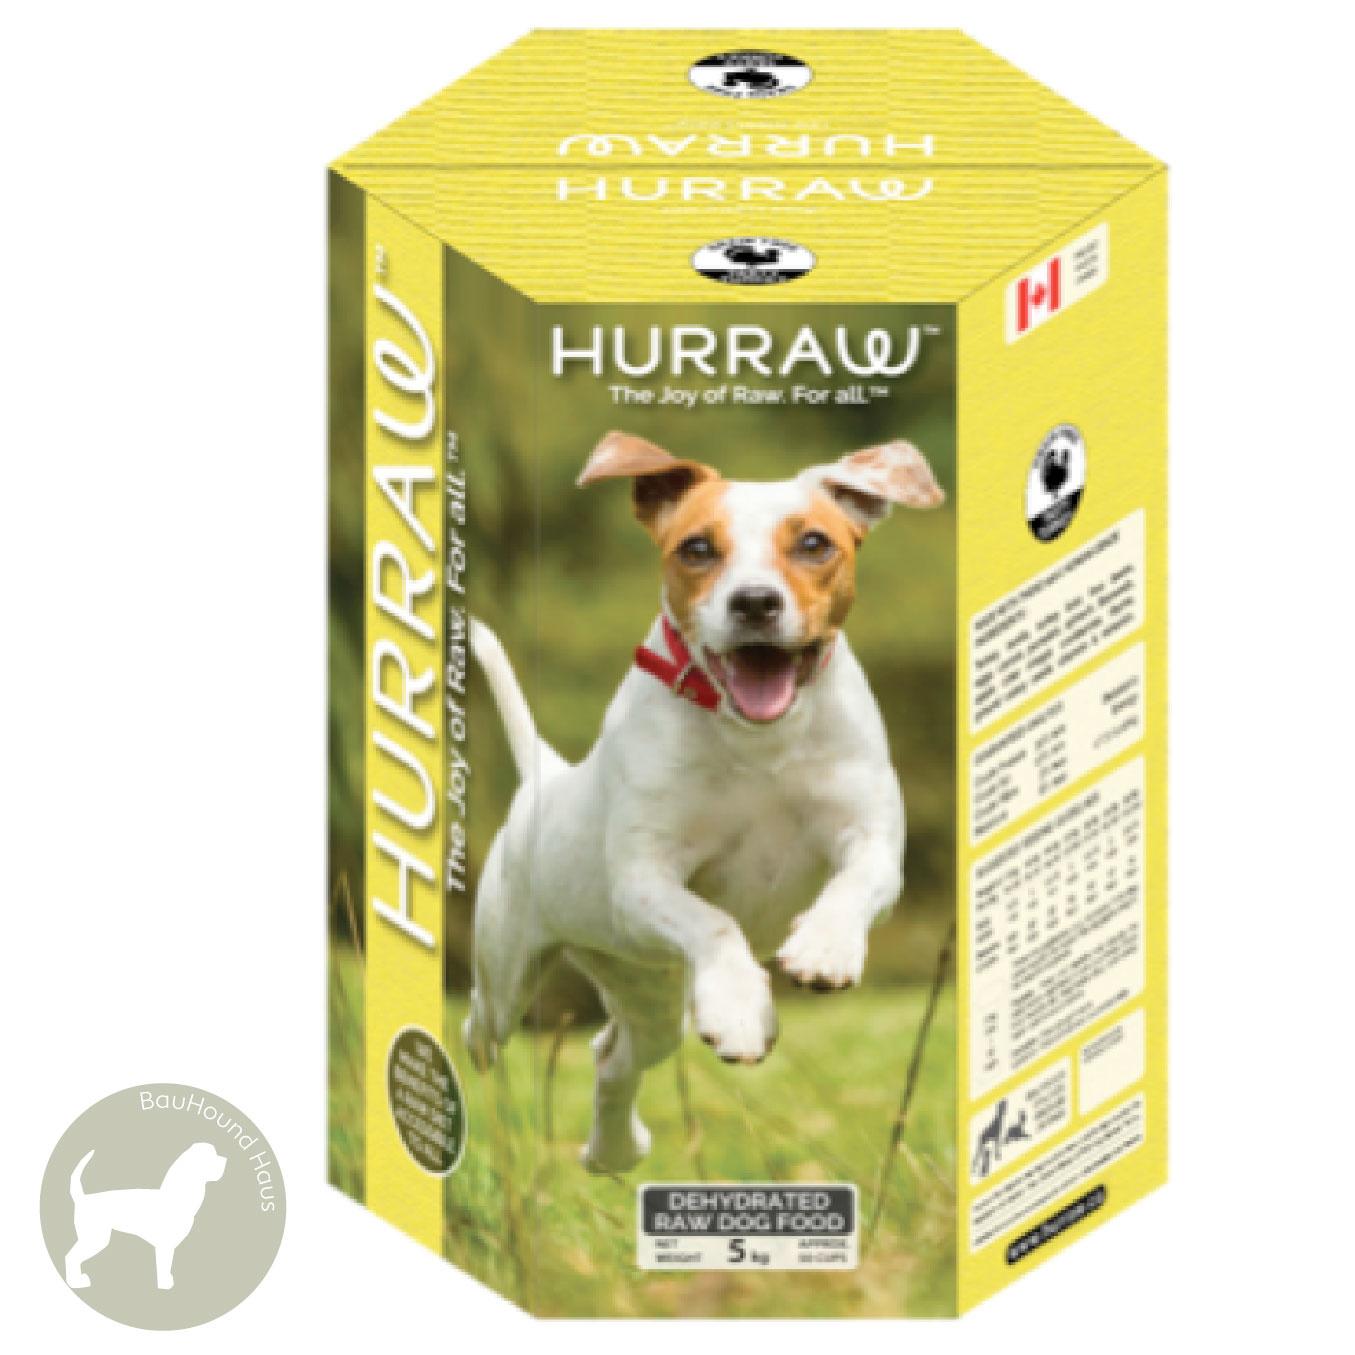 Hurraw Hurraw Dehydrated Raw Dog Food Tasty Turkey, 2.5kg